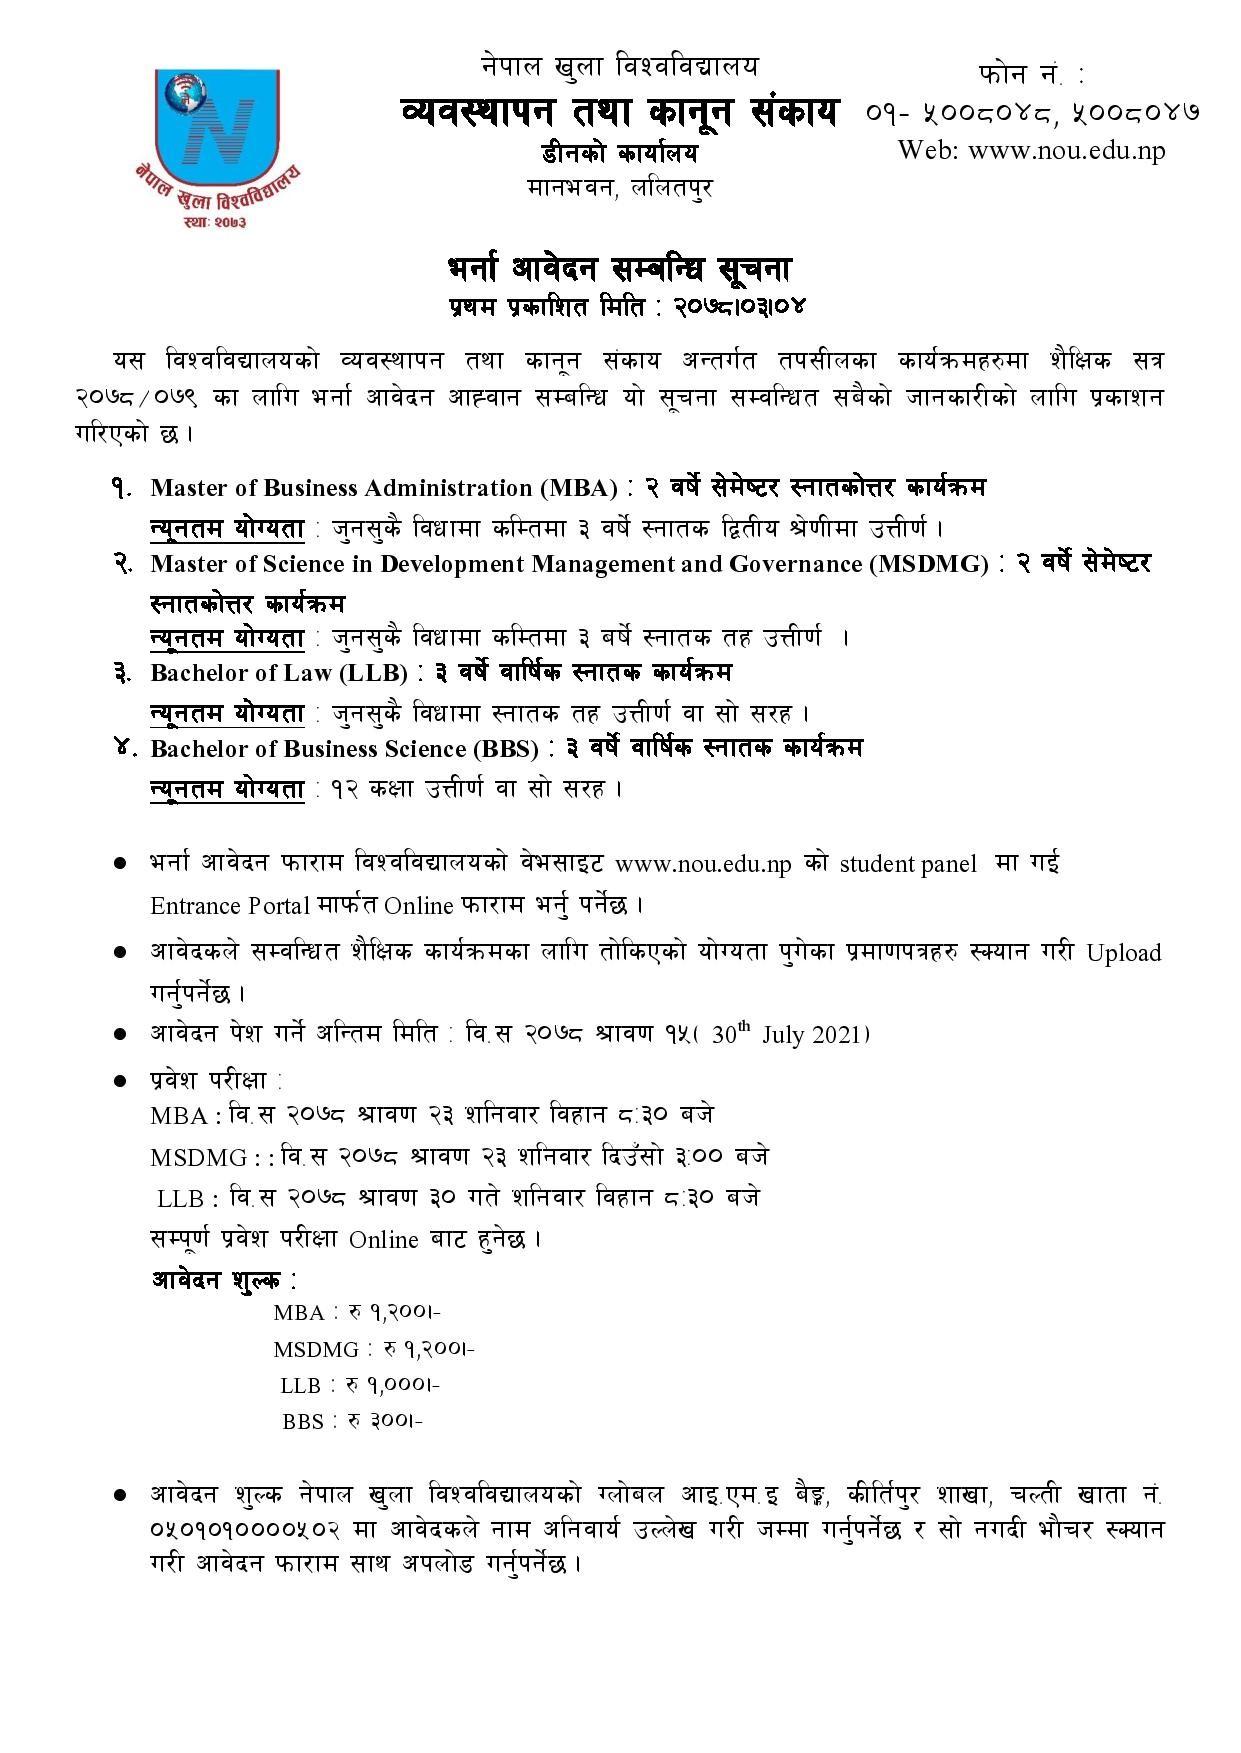 Notice regarding the entrance form (MBA/MSDMG/LLB/BBS)